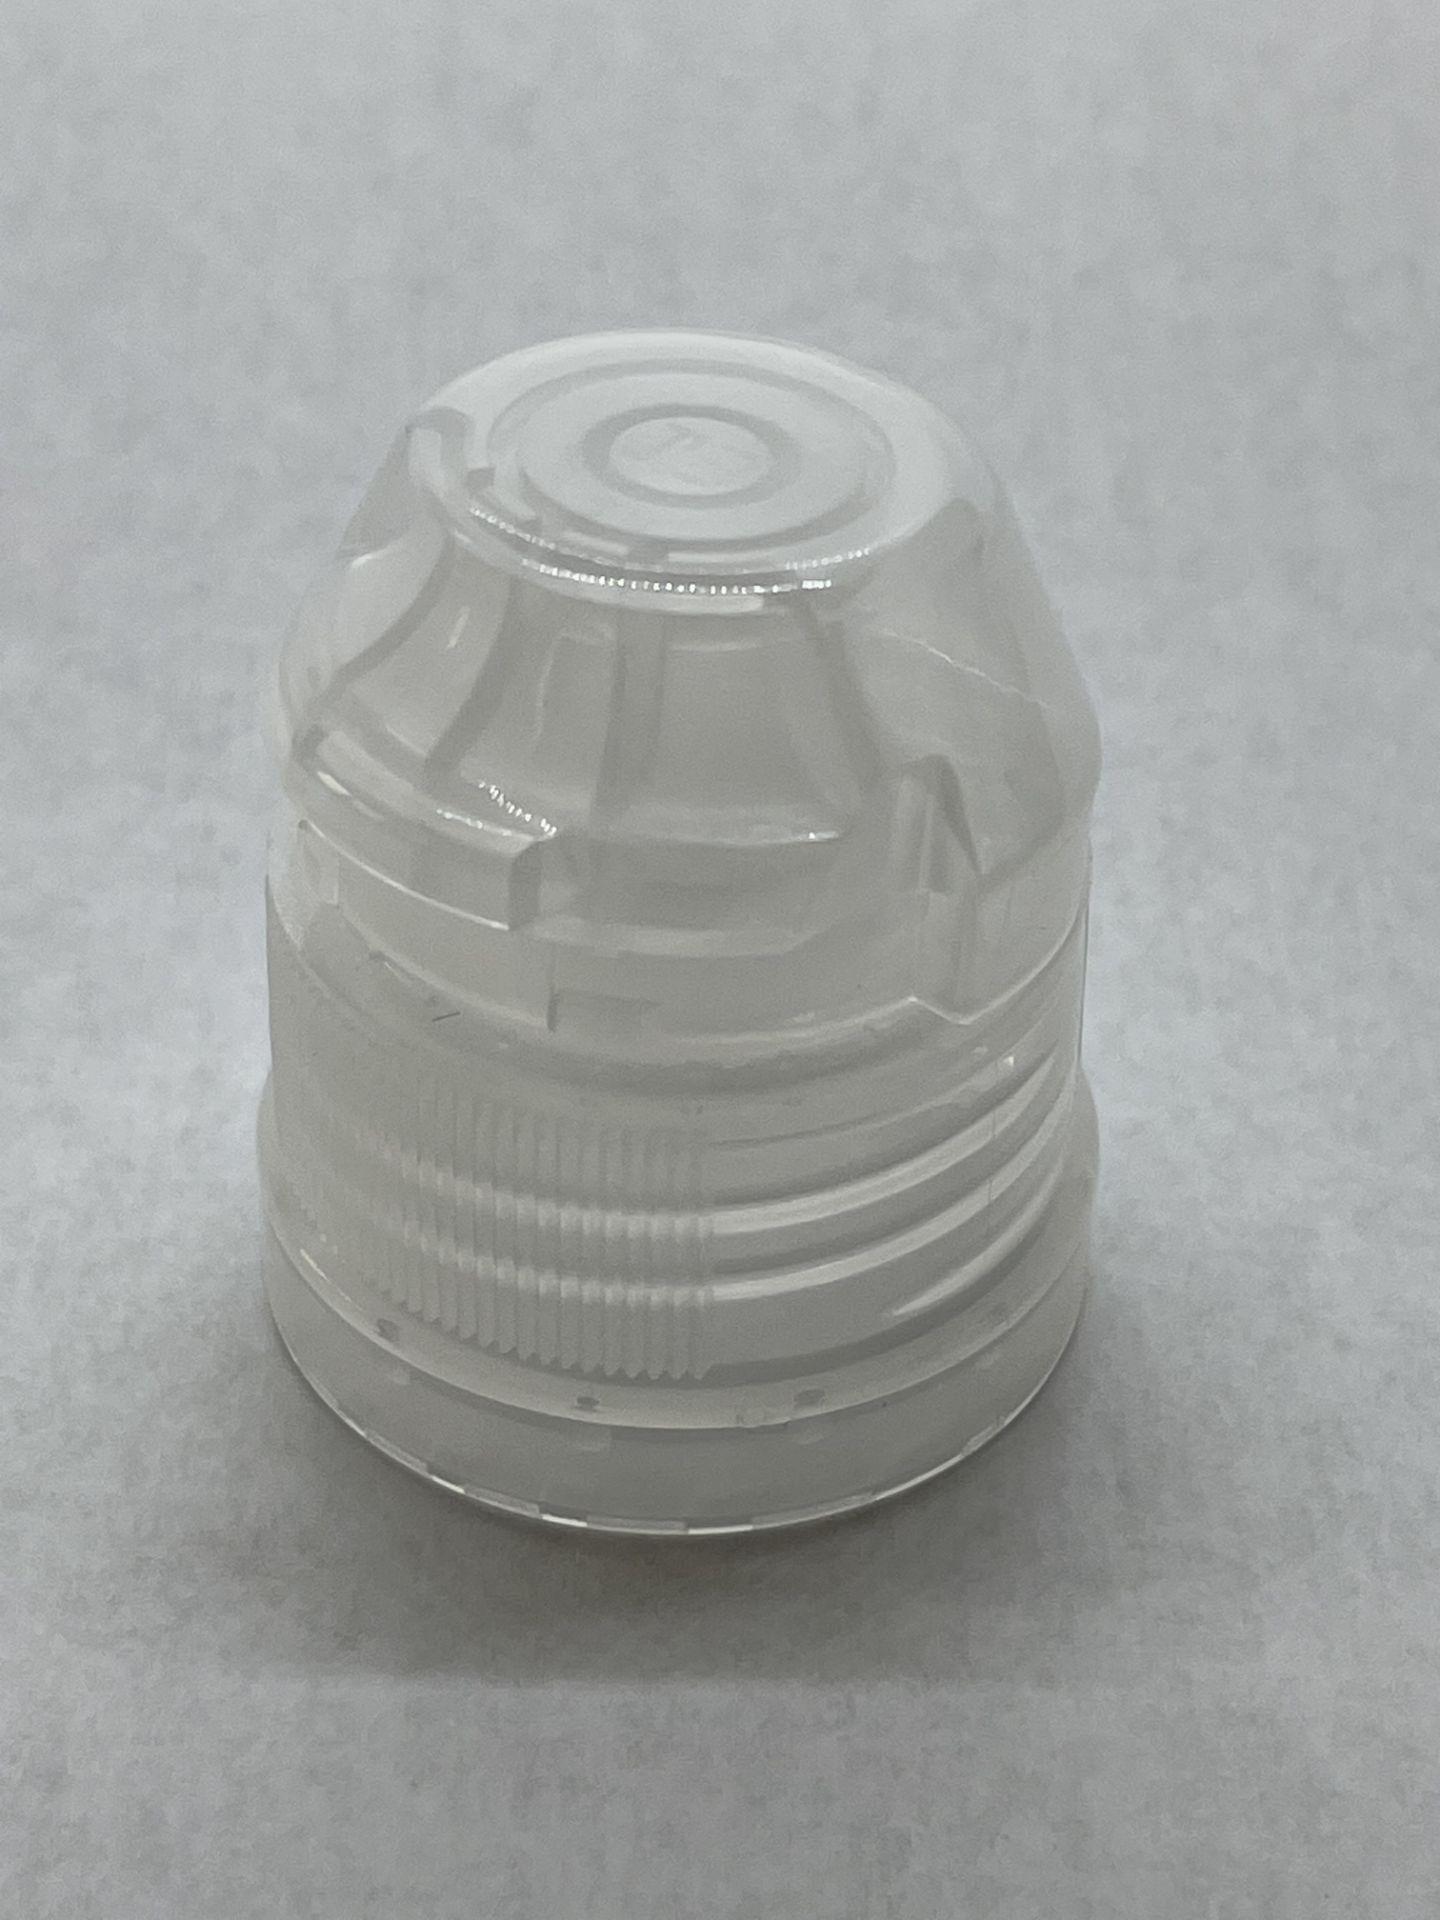 170,000 - Popular Aptar Water bottle sport cap for 16 oz bottle, 28-410 Threading - Image 3 of 6